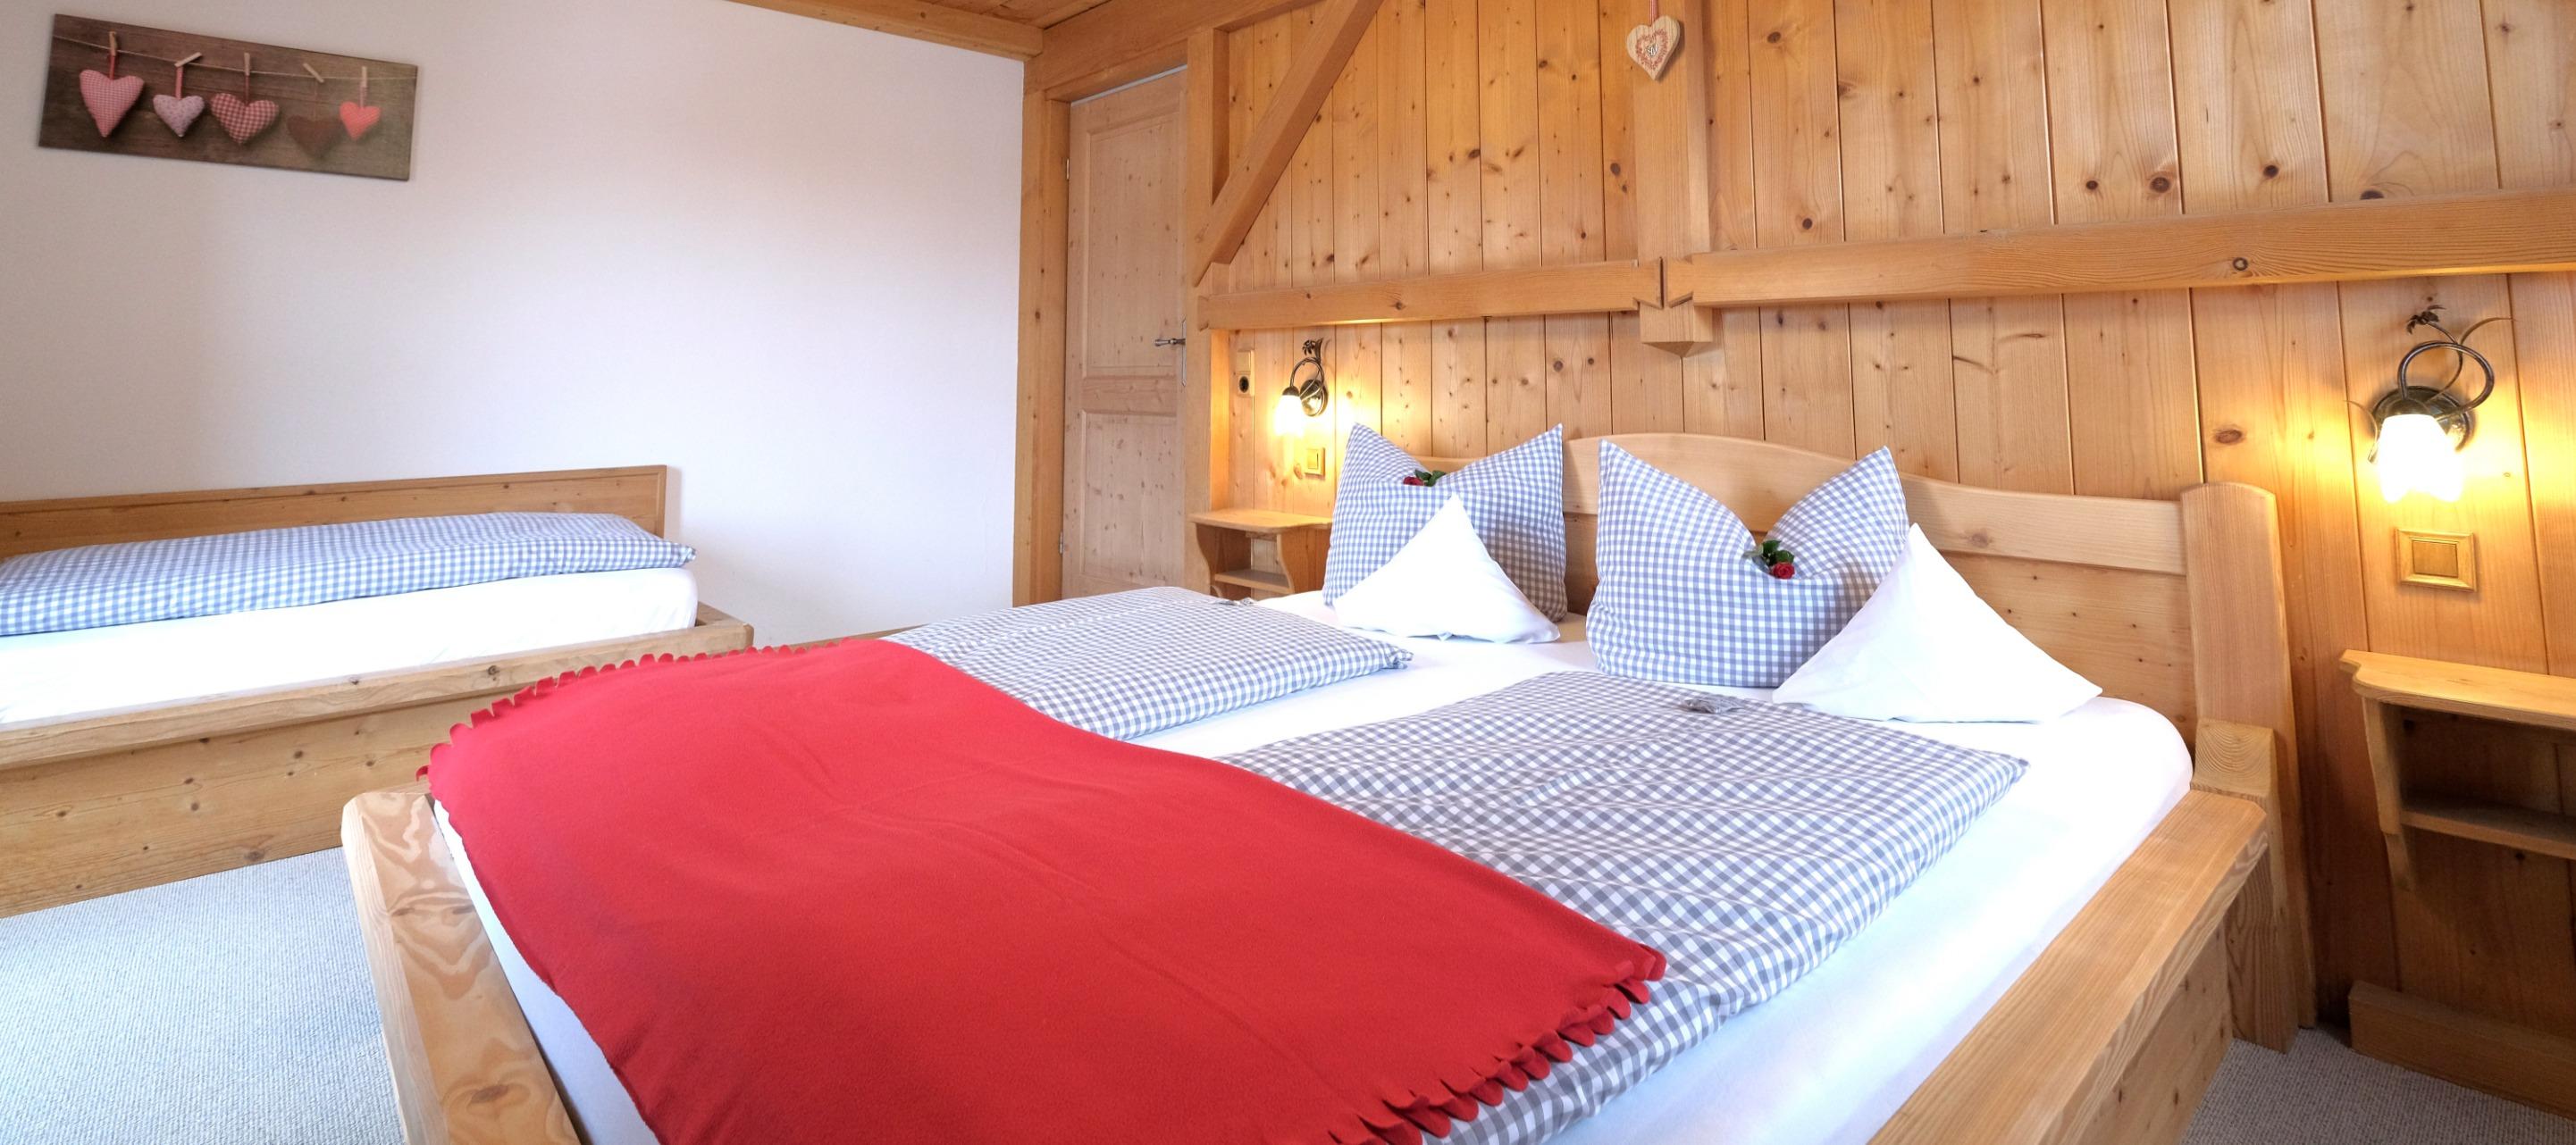 Schlafzimmer mit 3 Betten